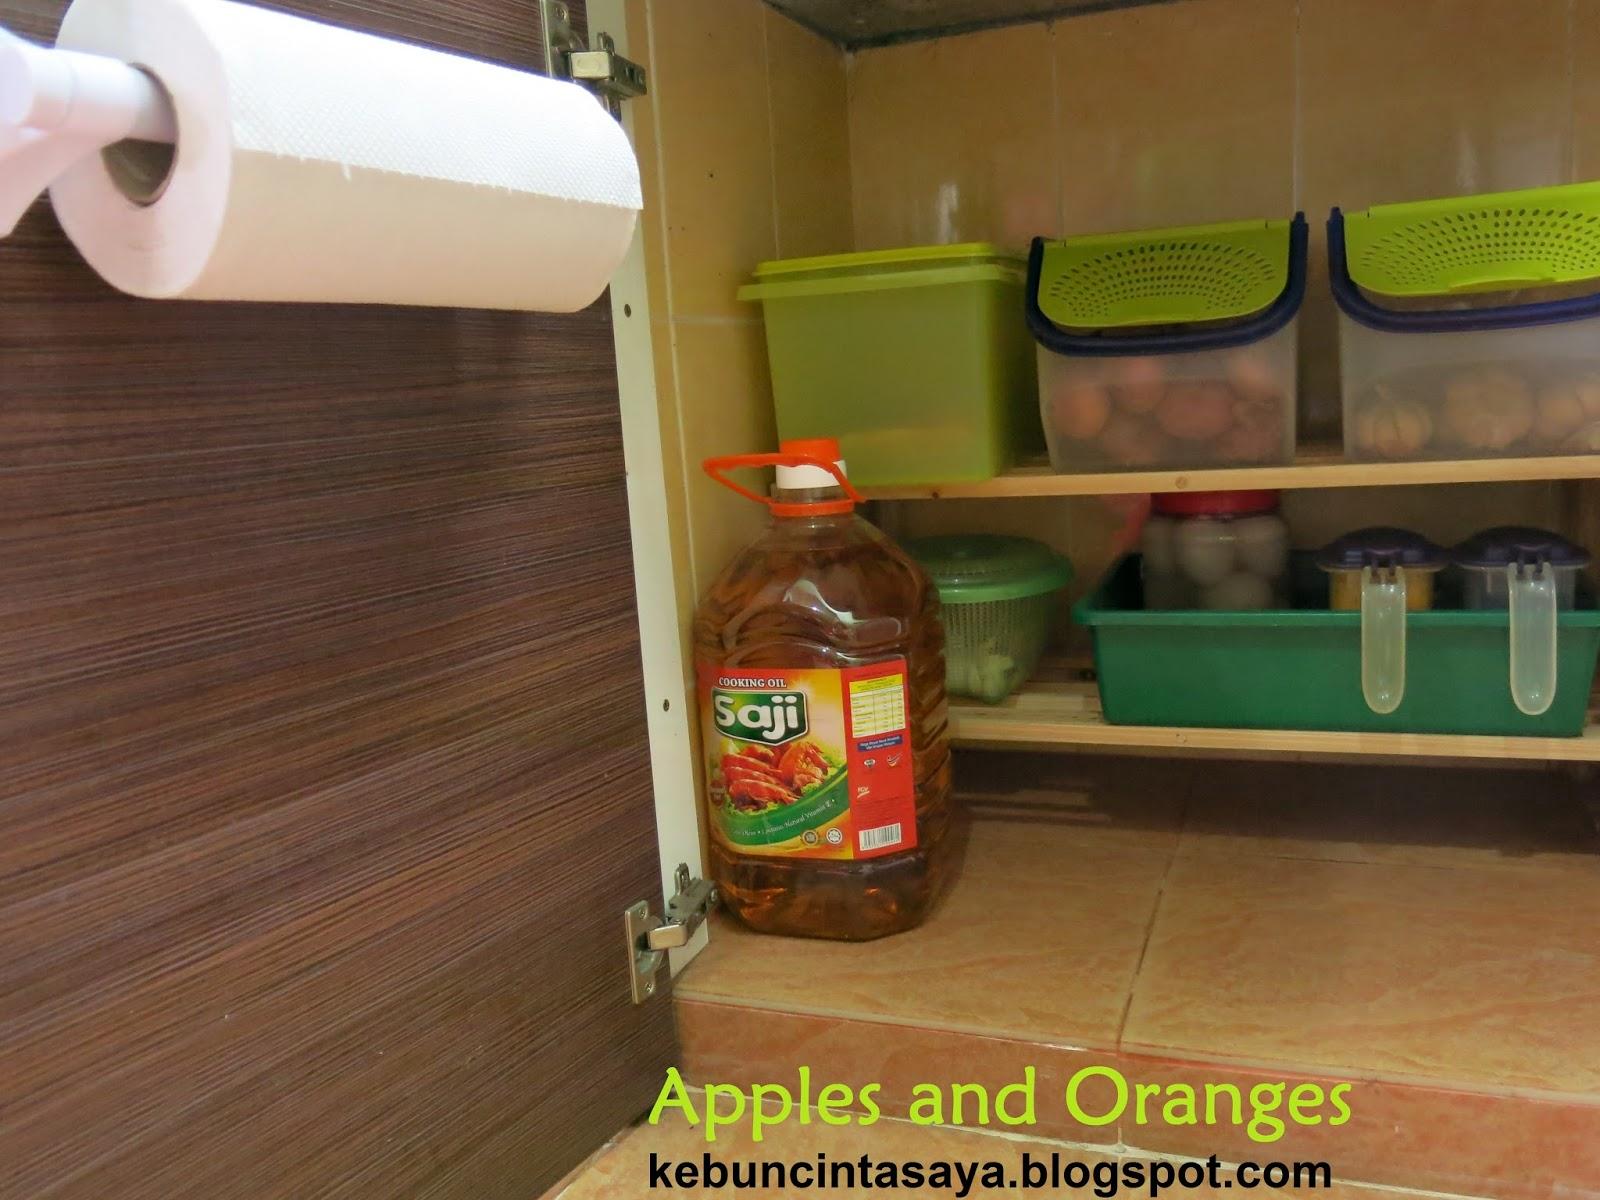 apples and oranges rak kasut bawah kabinet dapur